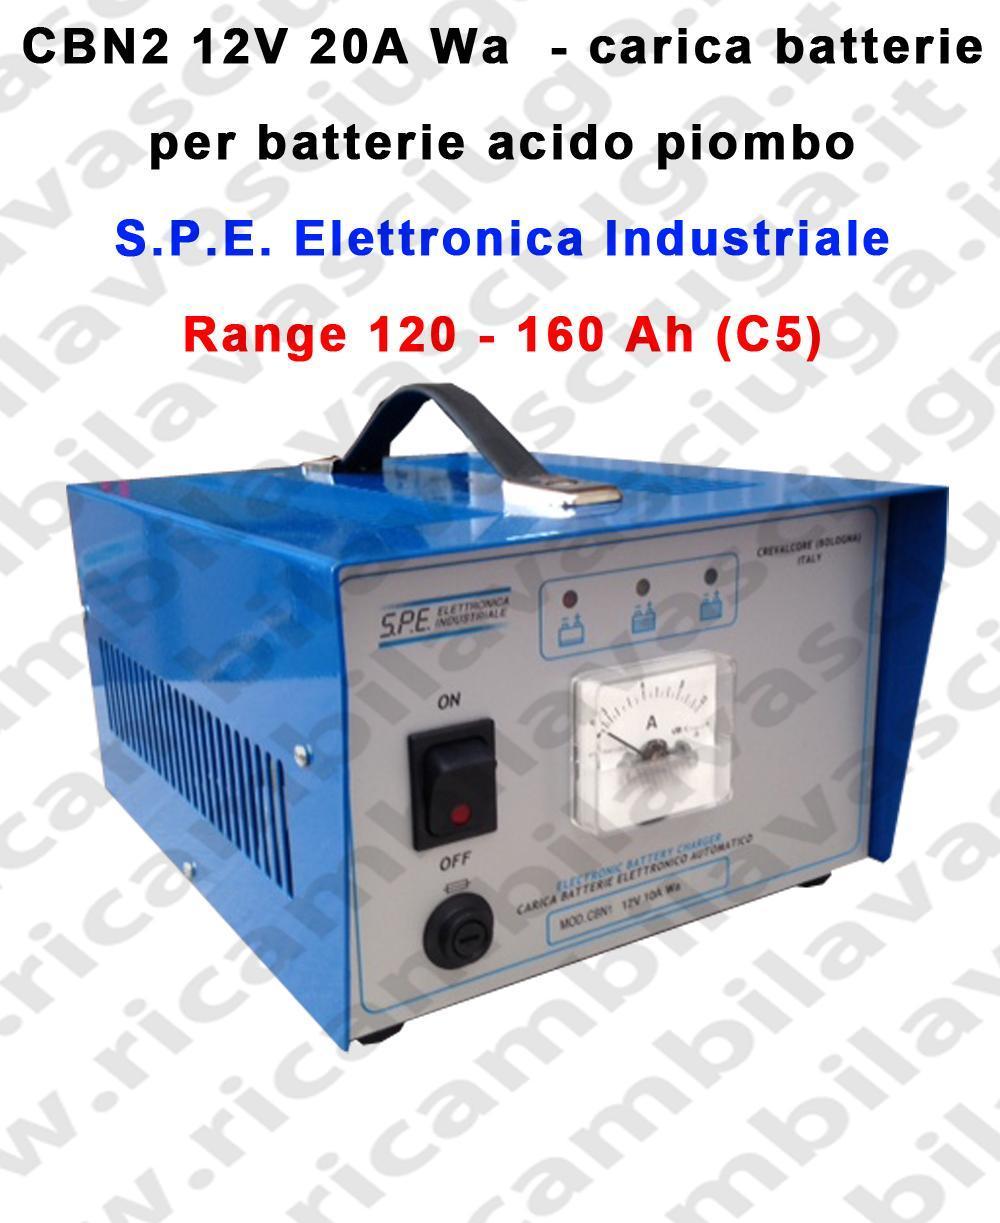 CBN2 12V 20A Wa chargeur de batterie pour batterie acido plombe S.P.E. Elettronica Industriale